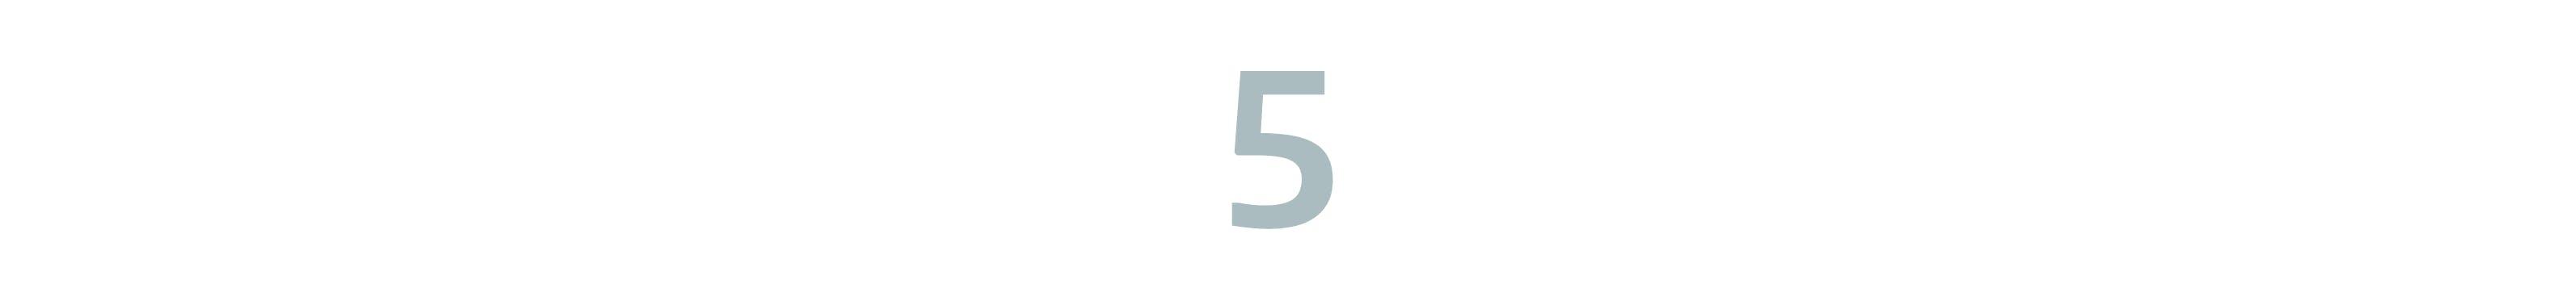 Zahl_5